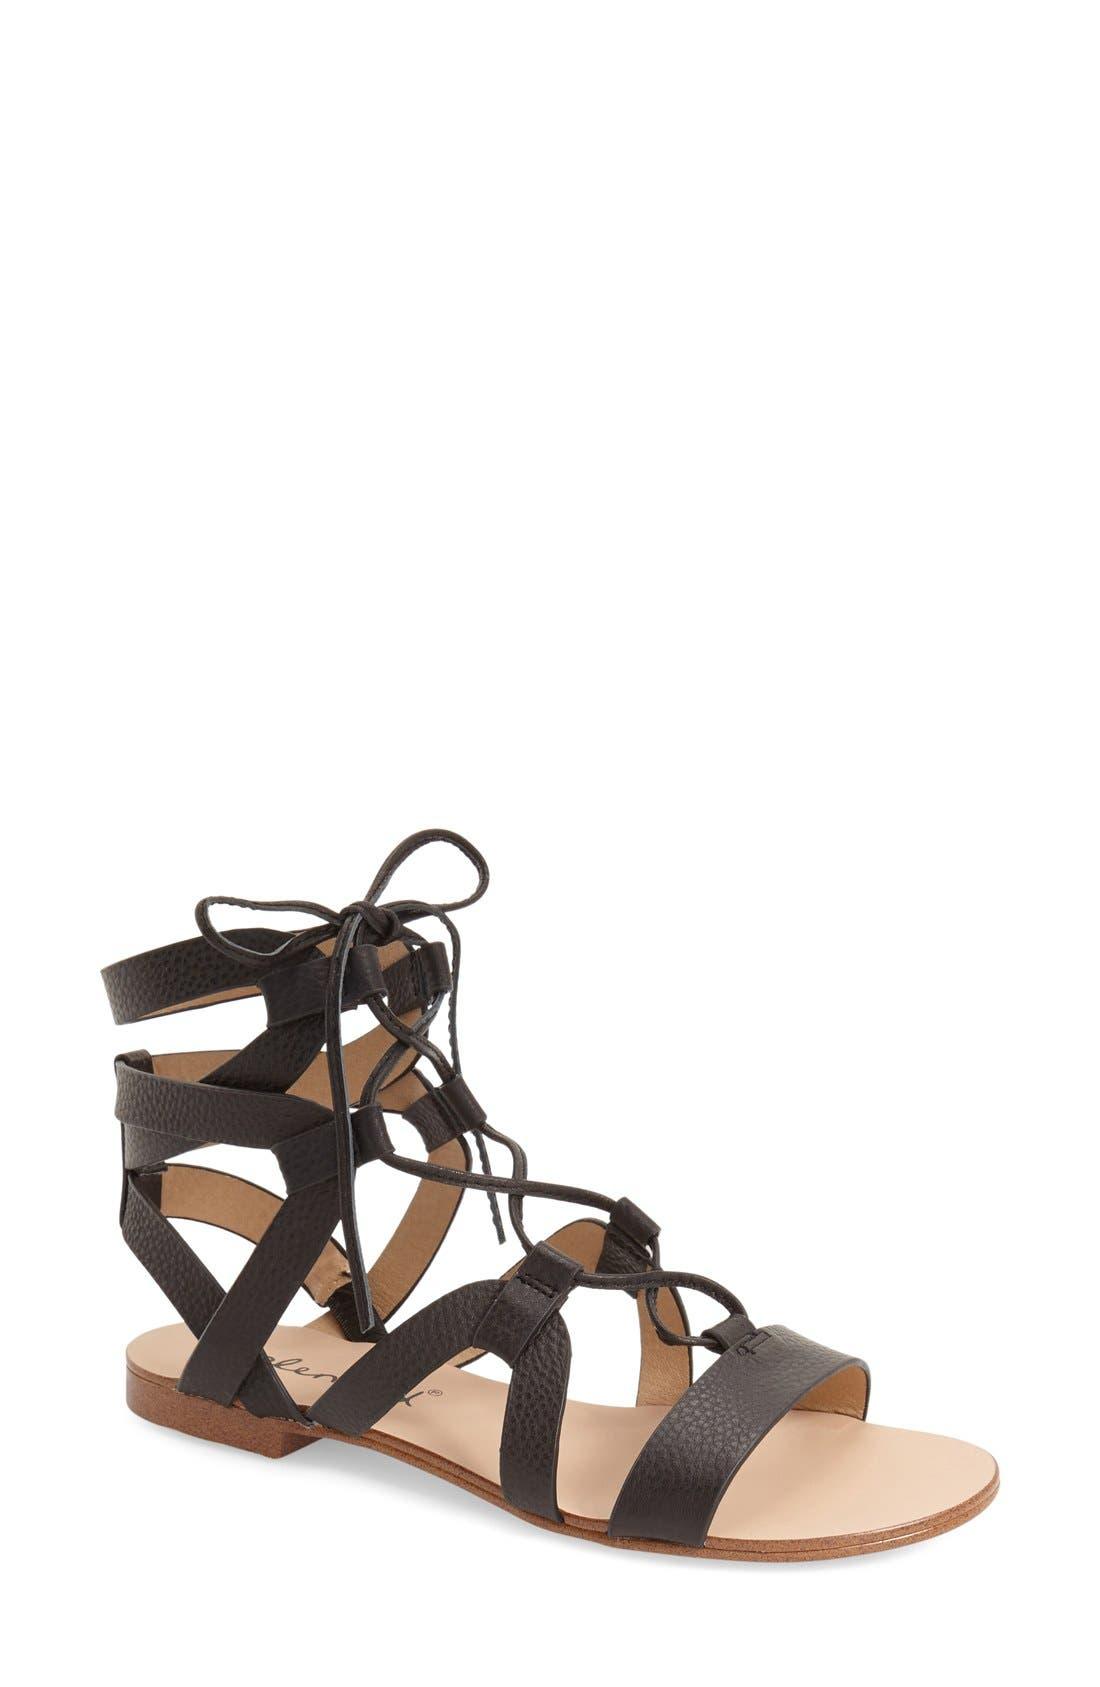 SPLENDID 'Cameron' Lace-Up Sandal, Main, color, 001